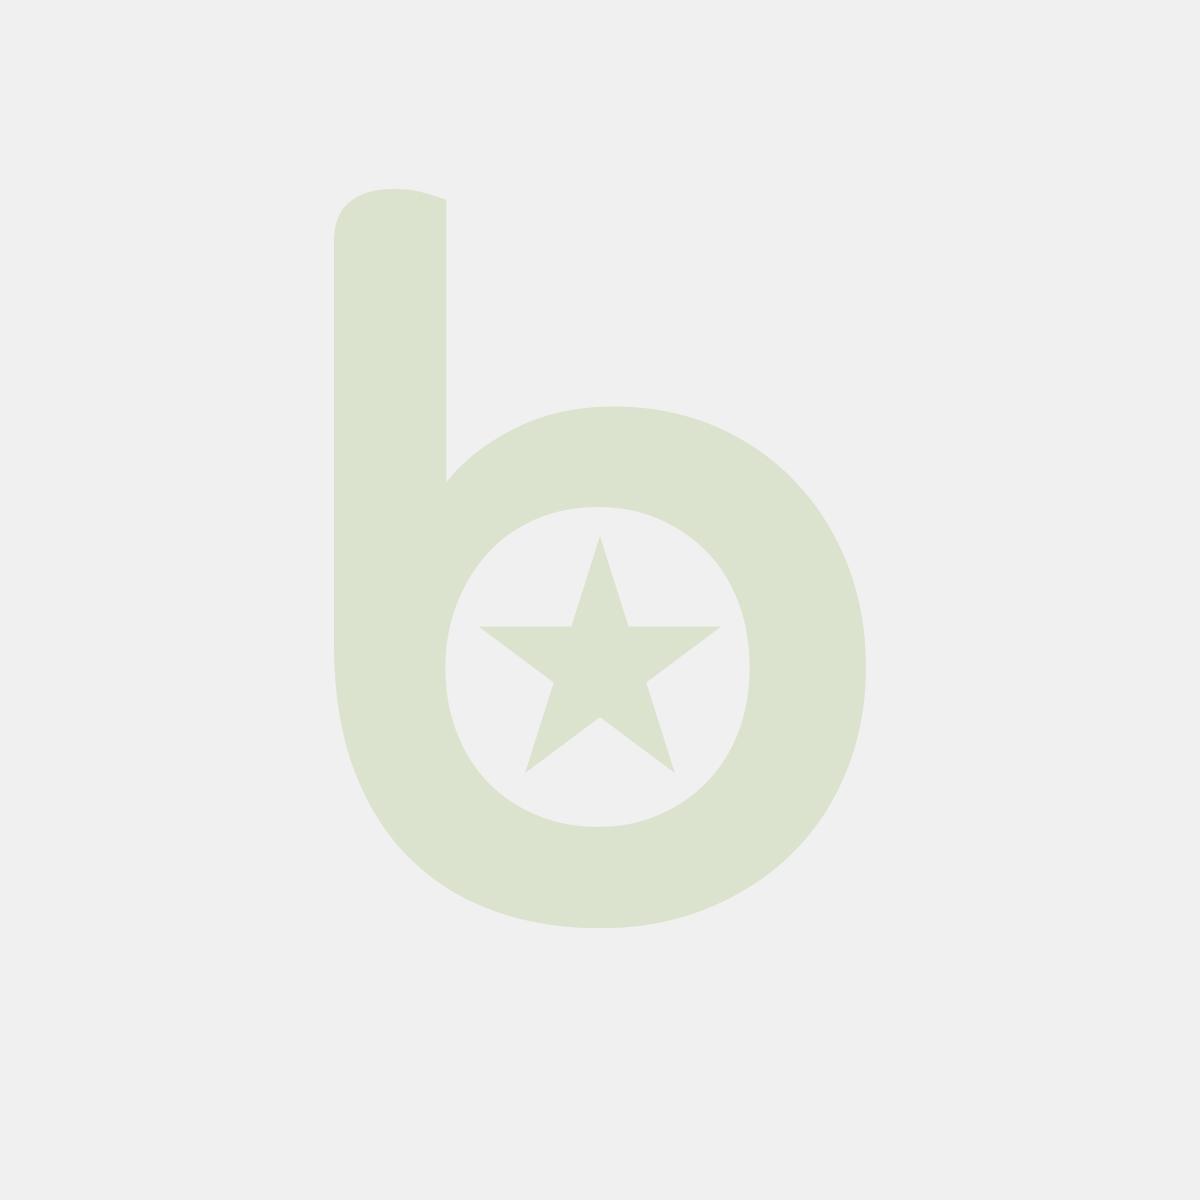 Zakaz spożywania alkoholu BK - 148 x 105mm GC031BKFN